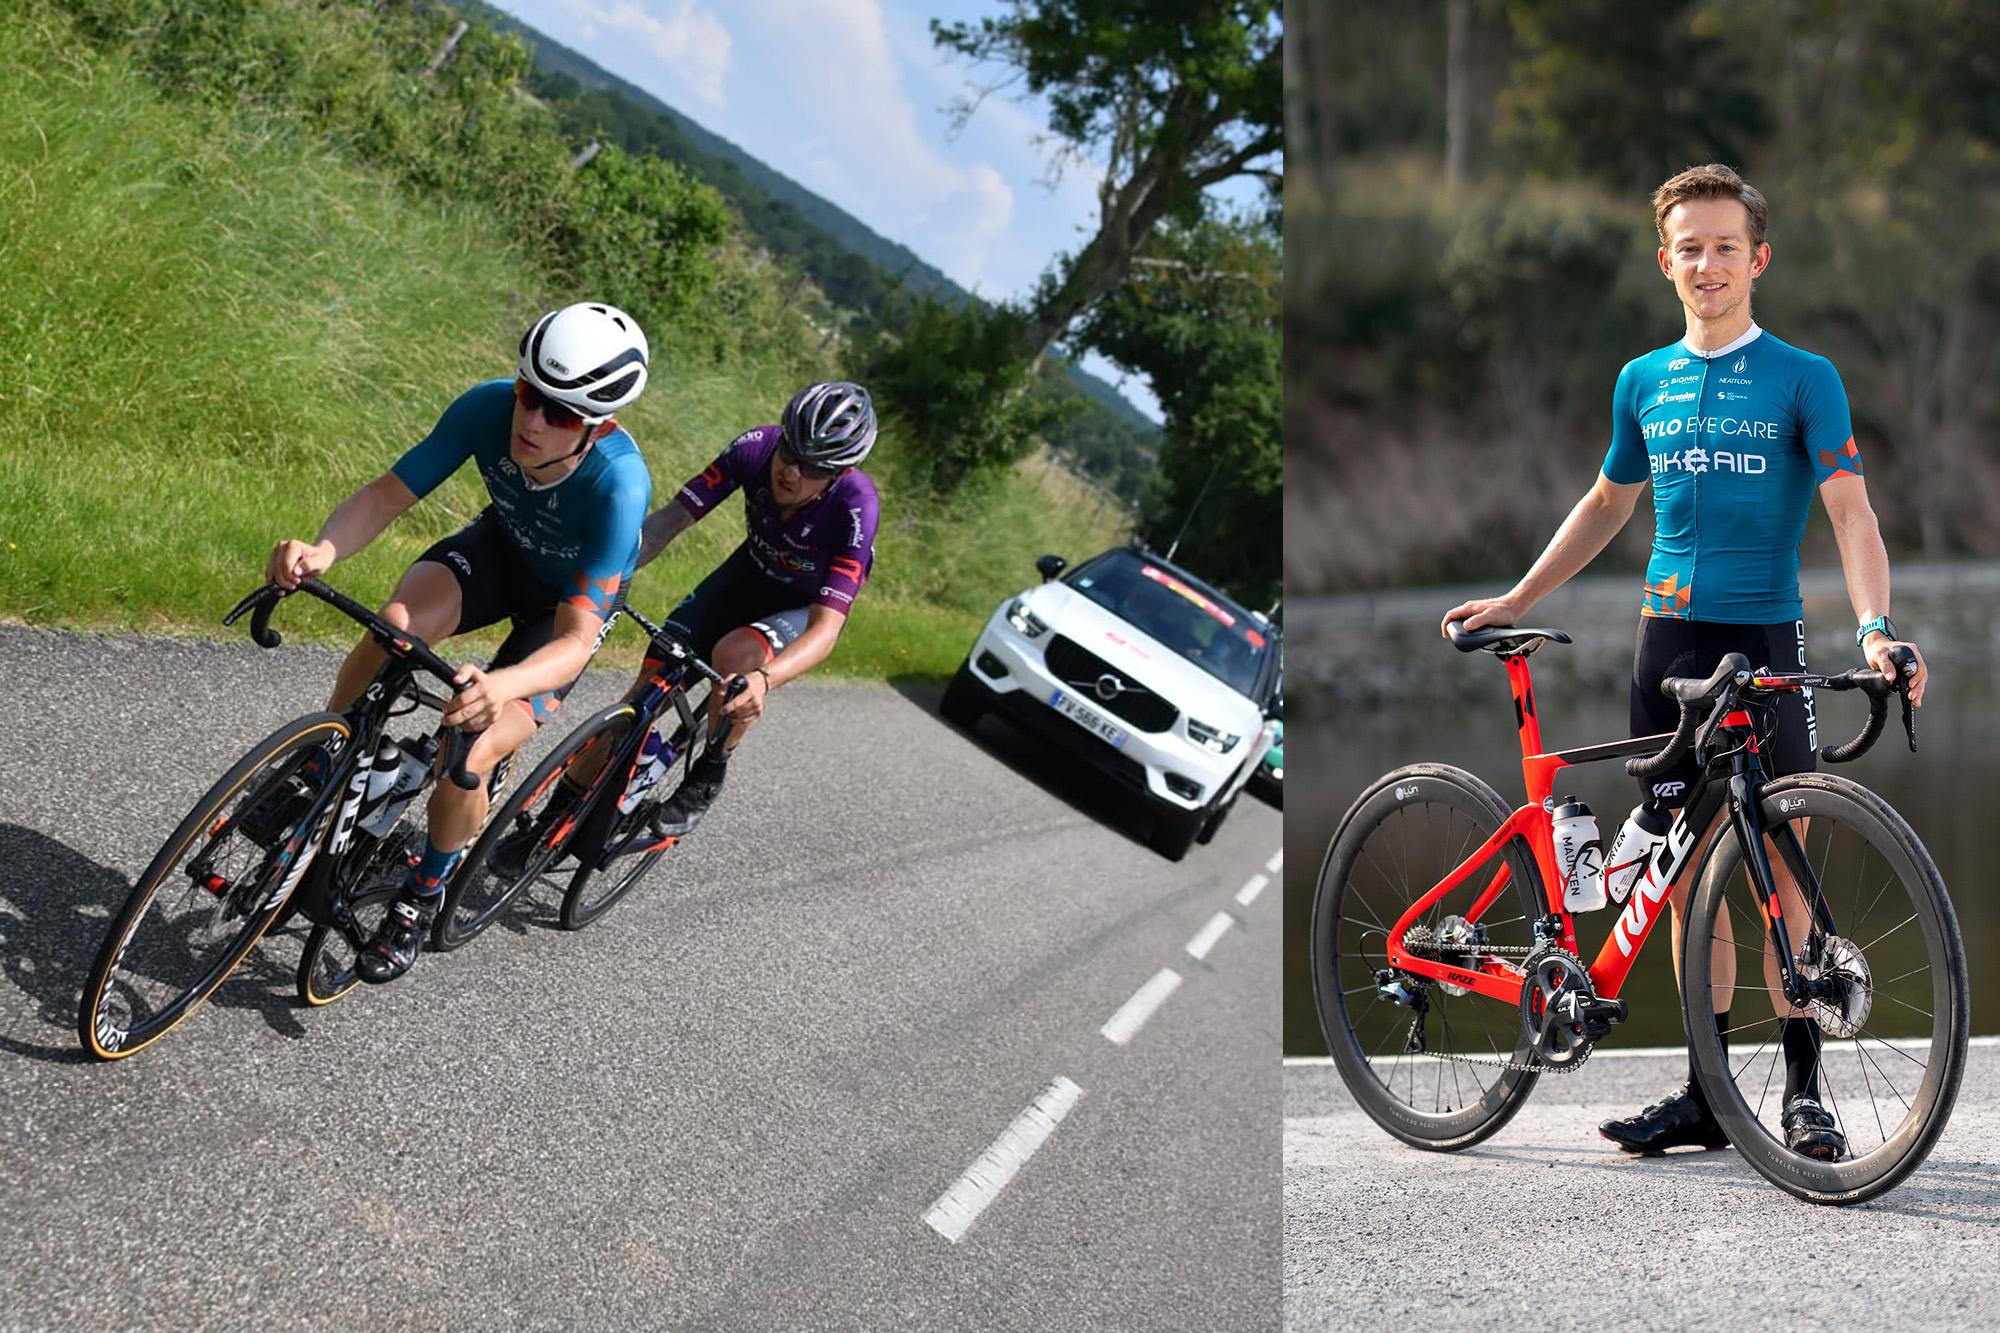 La Route d'Occitanie Route d'Occitanie - UCI Europe Tour 2021 (2.1)